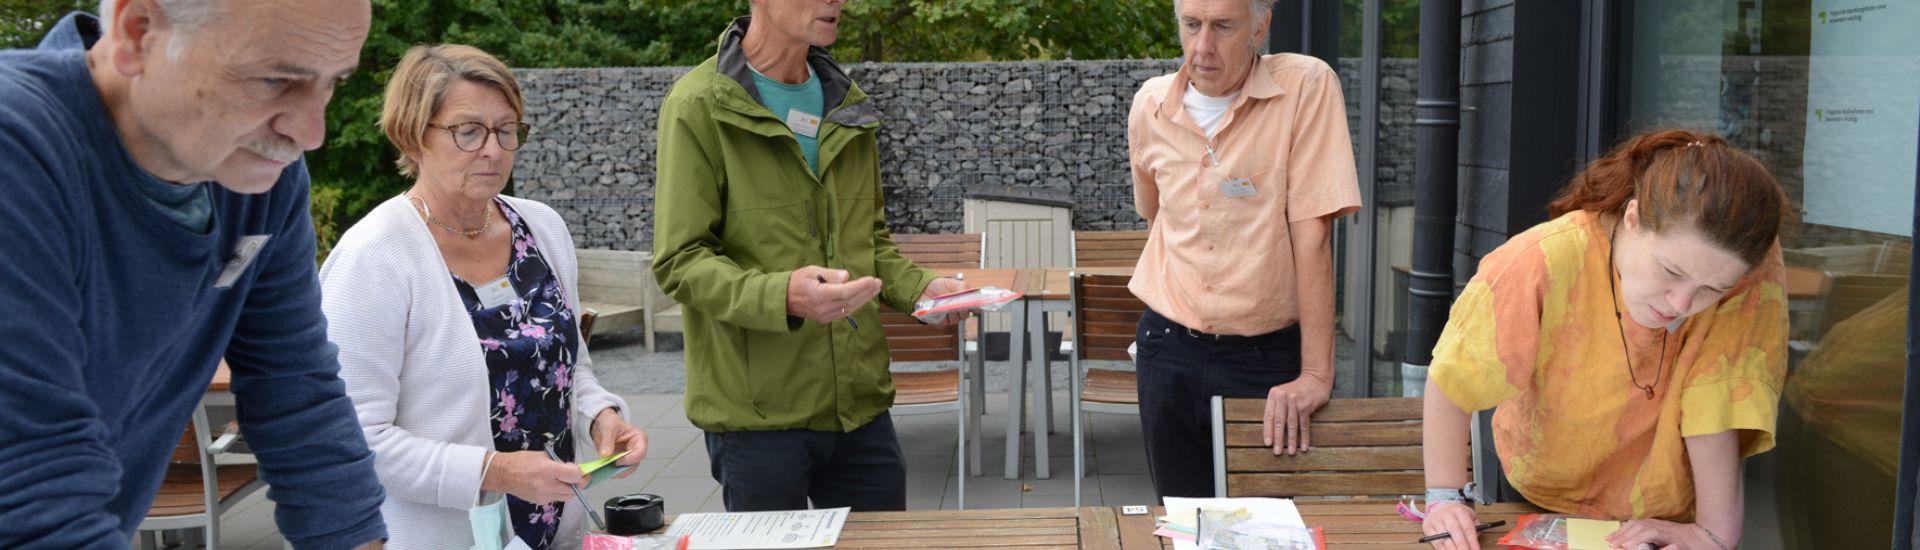 Menschen stehen um eine großformatige Tabelle auf einem Tisch im Außenbereich herum und bestücken diese mit bunten Klebezetteln